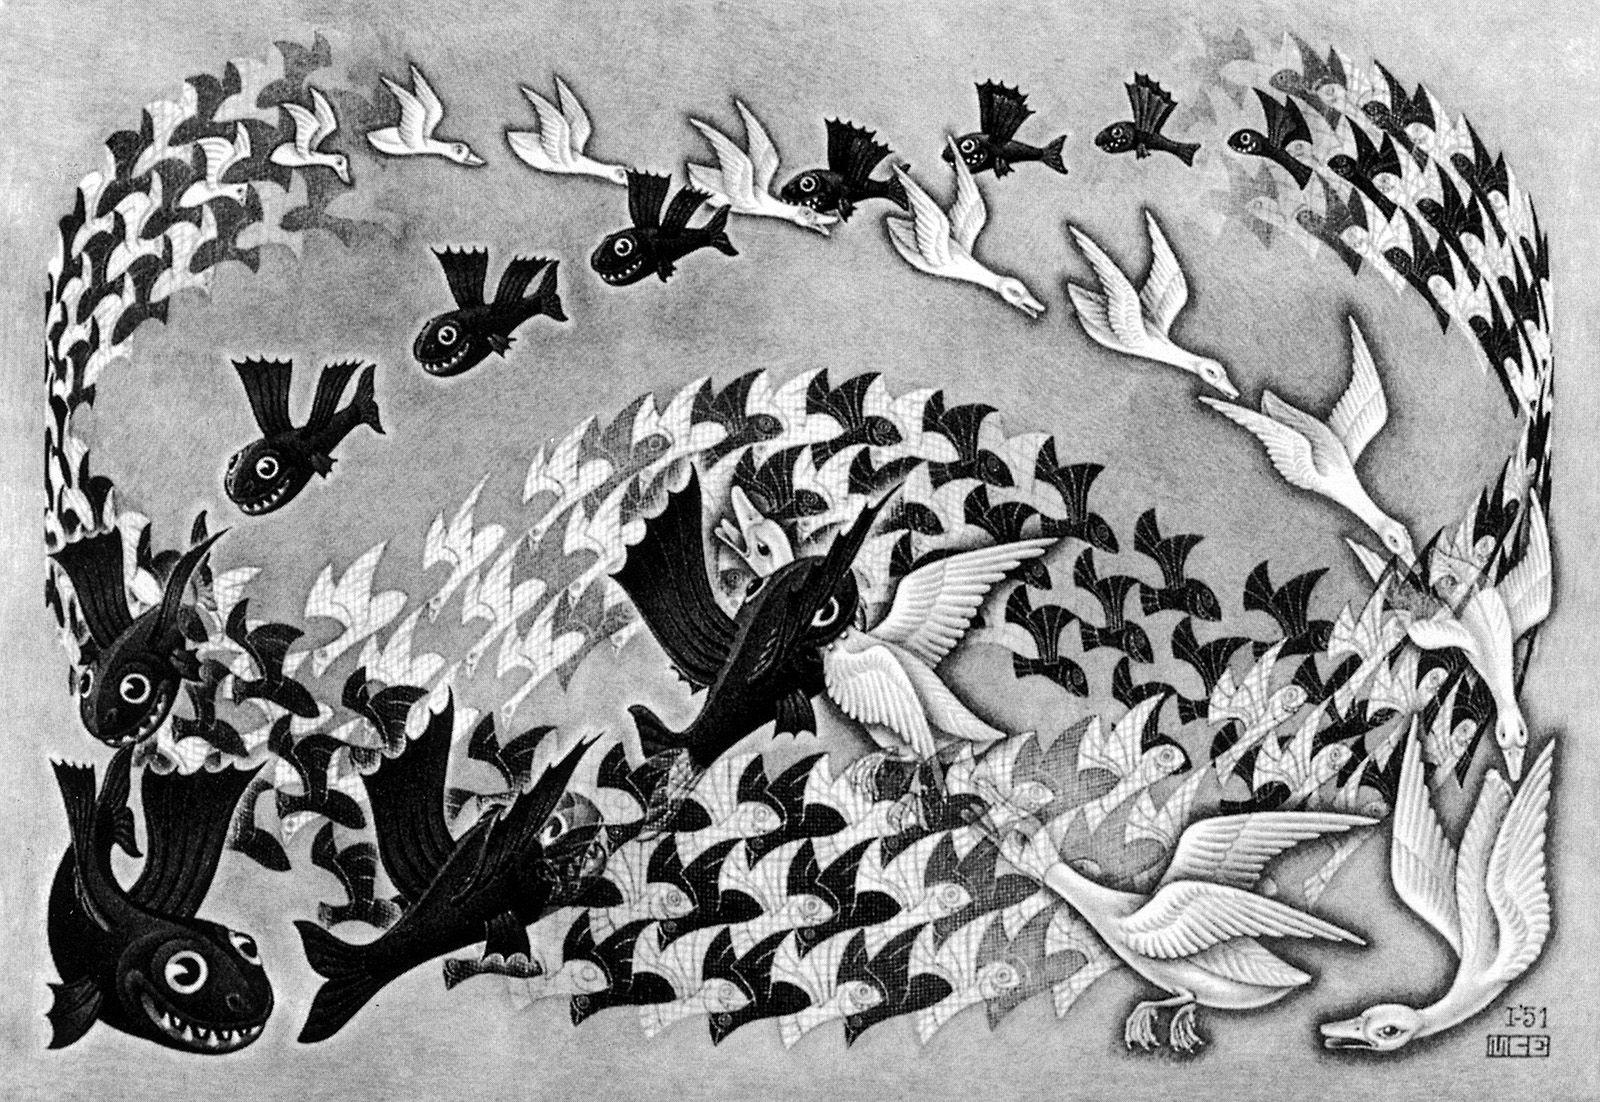 FINE ART PRINT Surreal Escher Art High Quality MC Escher /'Scholastica/' 1931